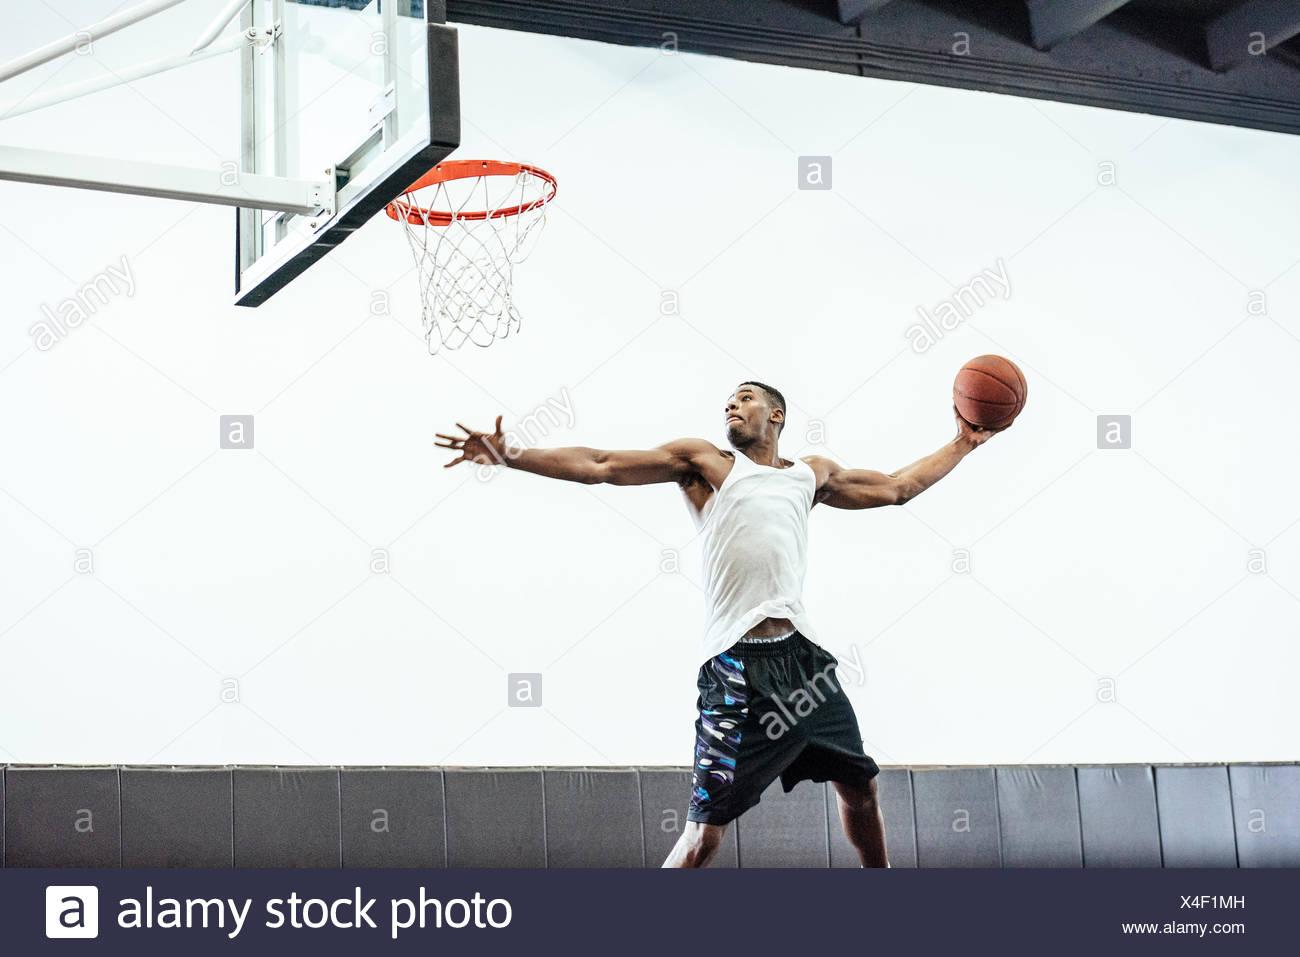 Ausgezeichnet Basketball Malvorlagen Für Kinder Bilder - Druckbare ...